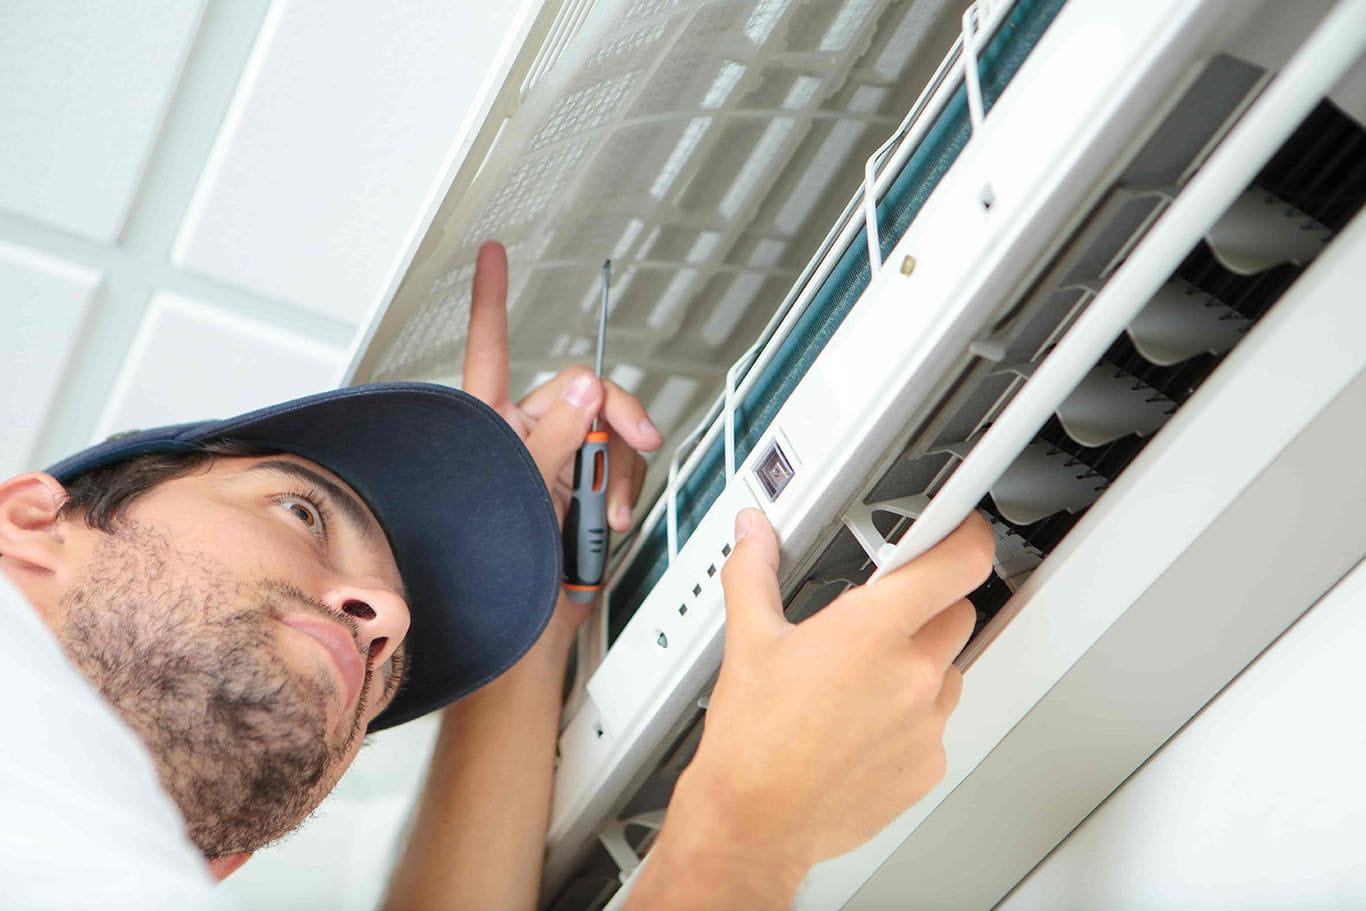 Dịch vụ sửa máy lạnh tại tphcm giá rẻ